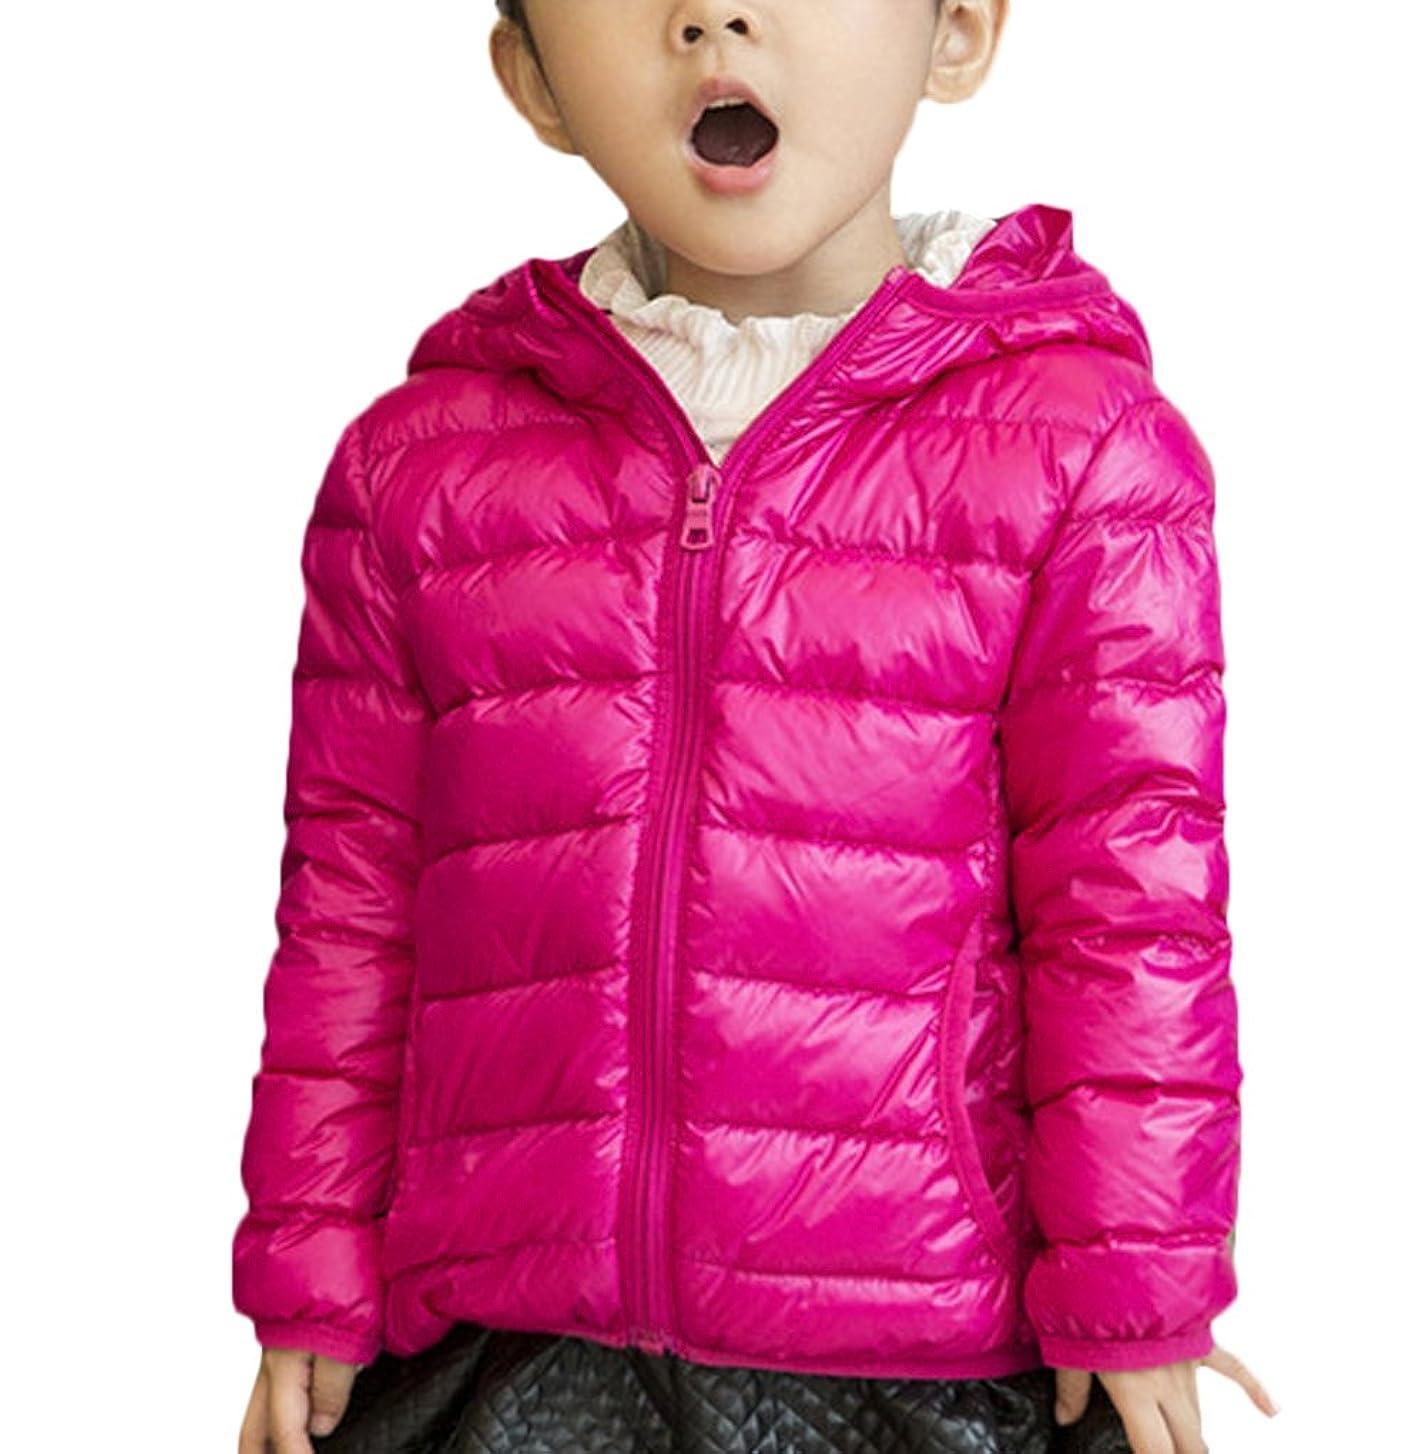 平方寛容な類人猿ZUOMA子供服 キッズダウンコート 男女兼用 軽量コート 綿入上着 ベビーウエア